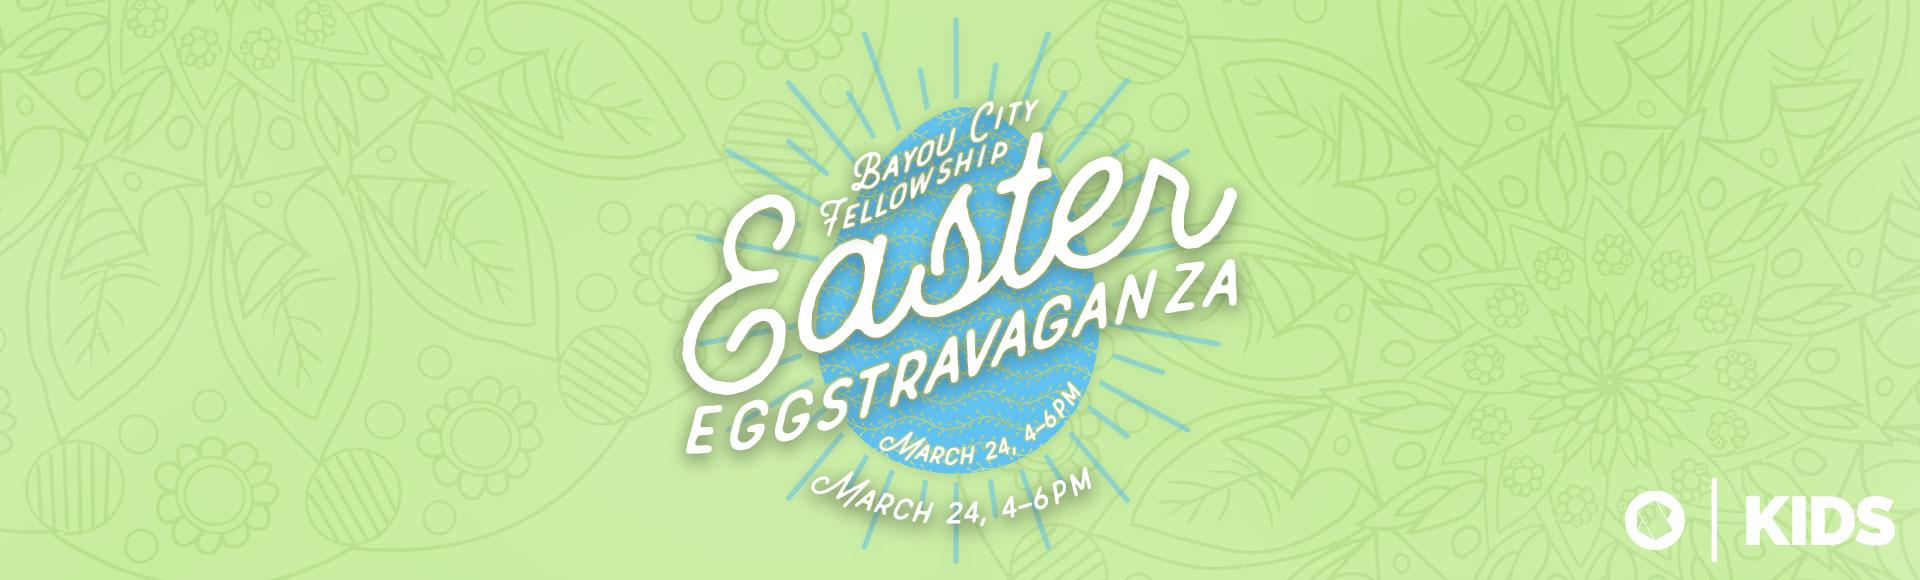 eggstrav_web-banner